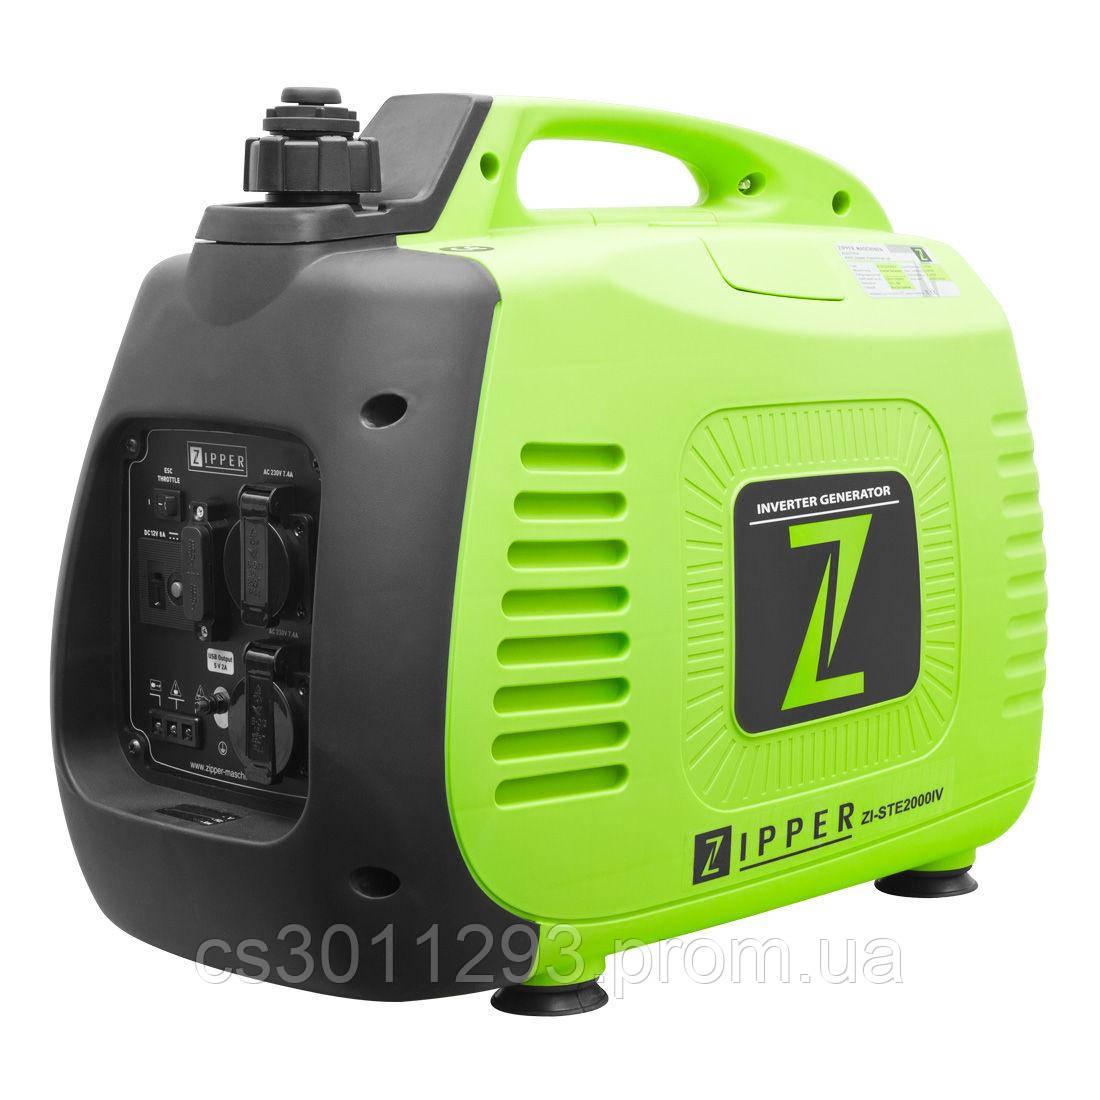 Генератор инверторный Zipper ZI-STE2000IV